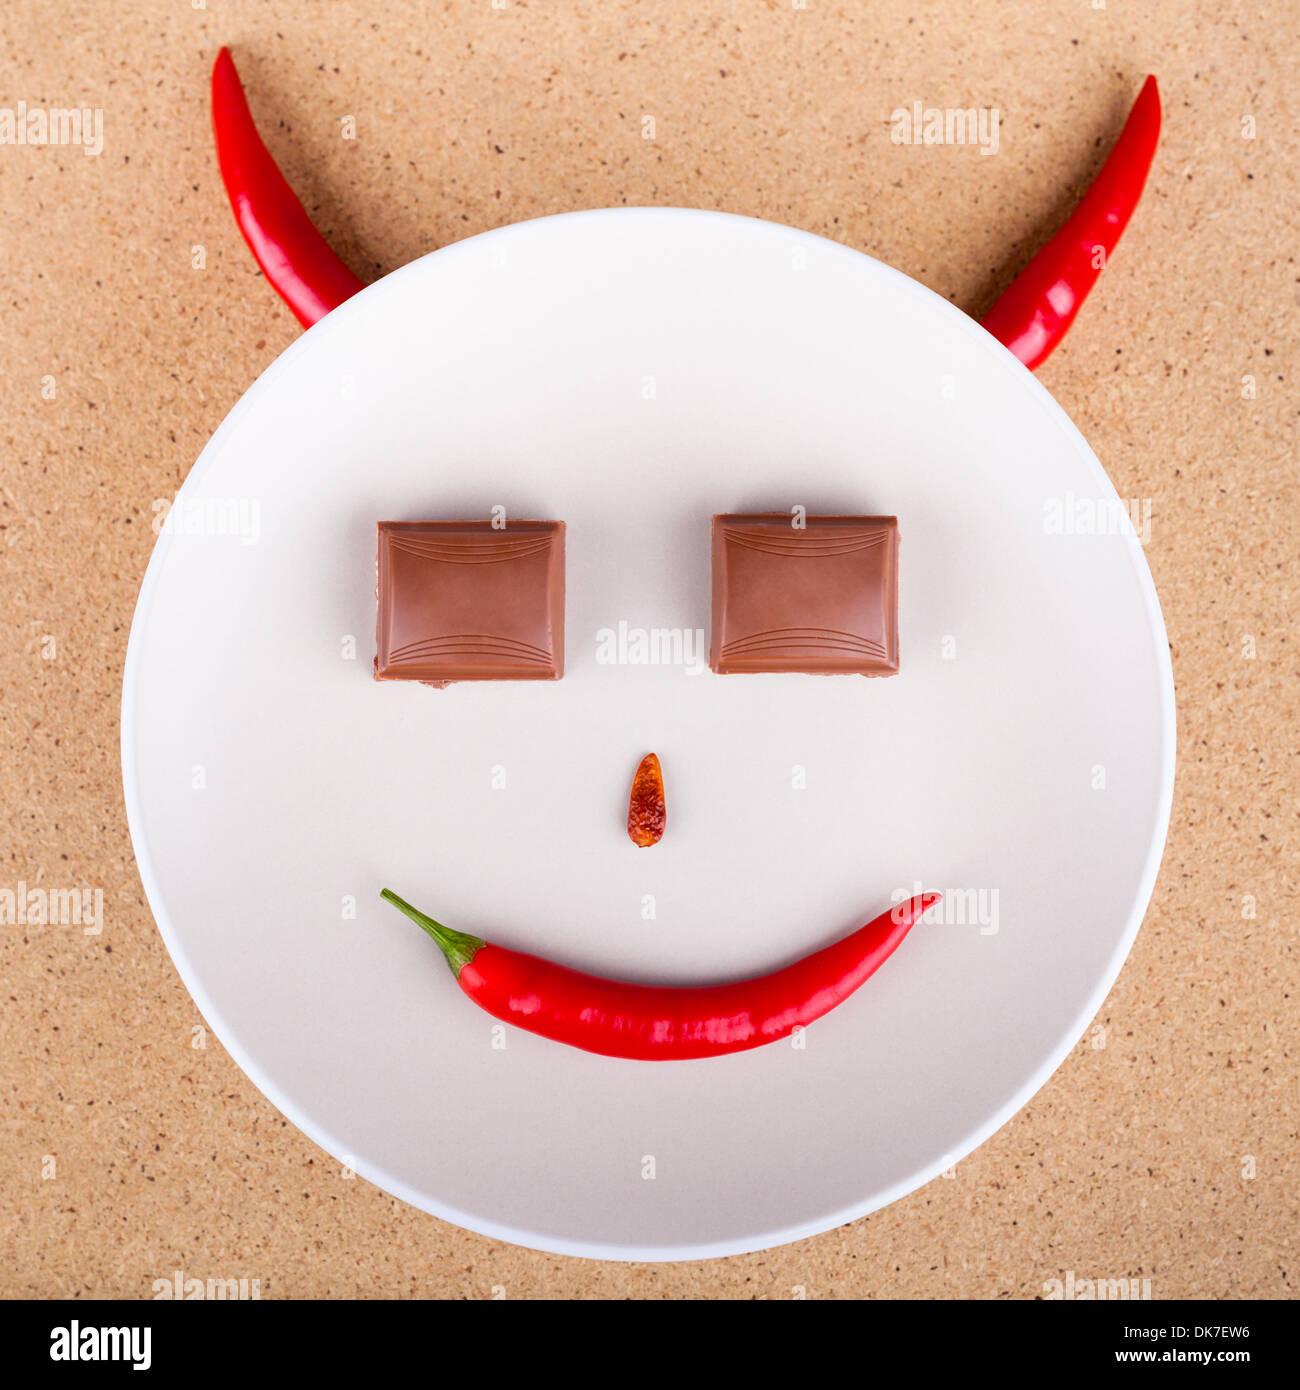 Piment du visage souriant avec les yeux chocolat sur plaque, sur fond de bois. Photo Stock